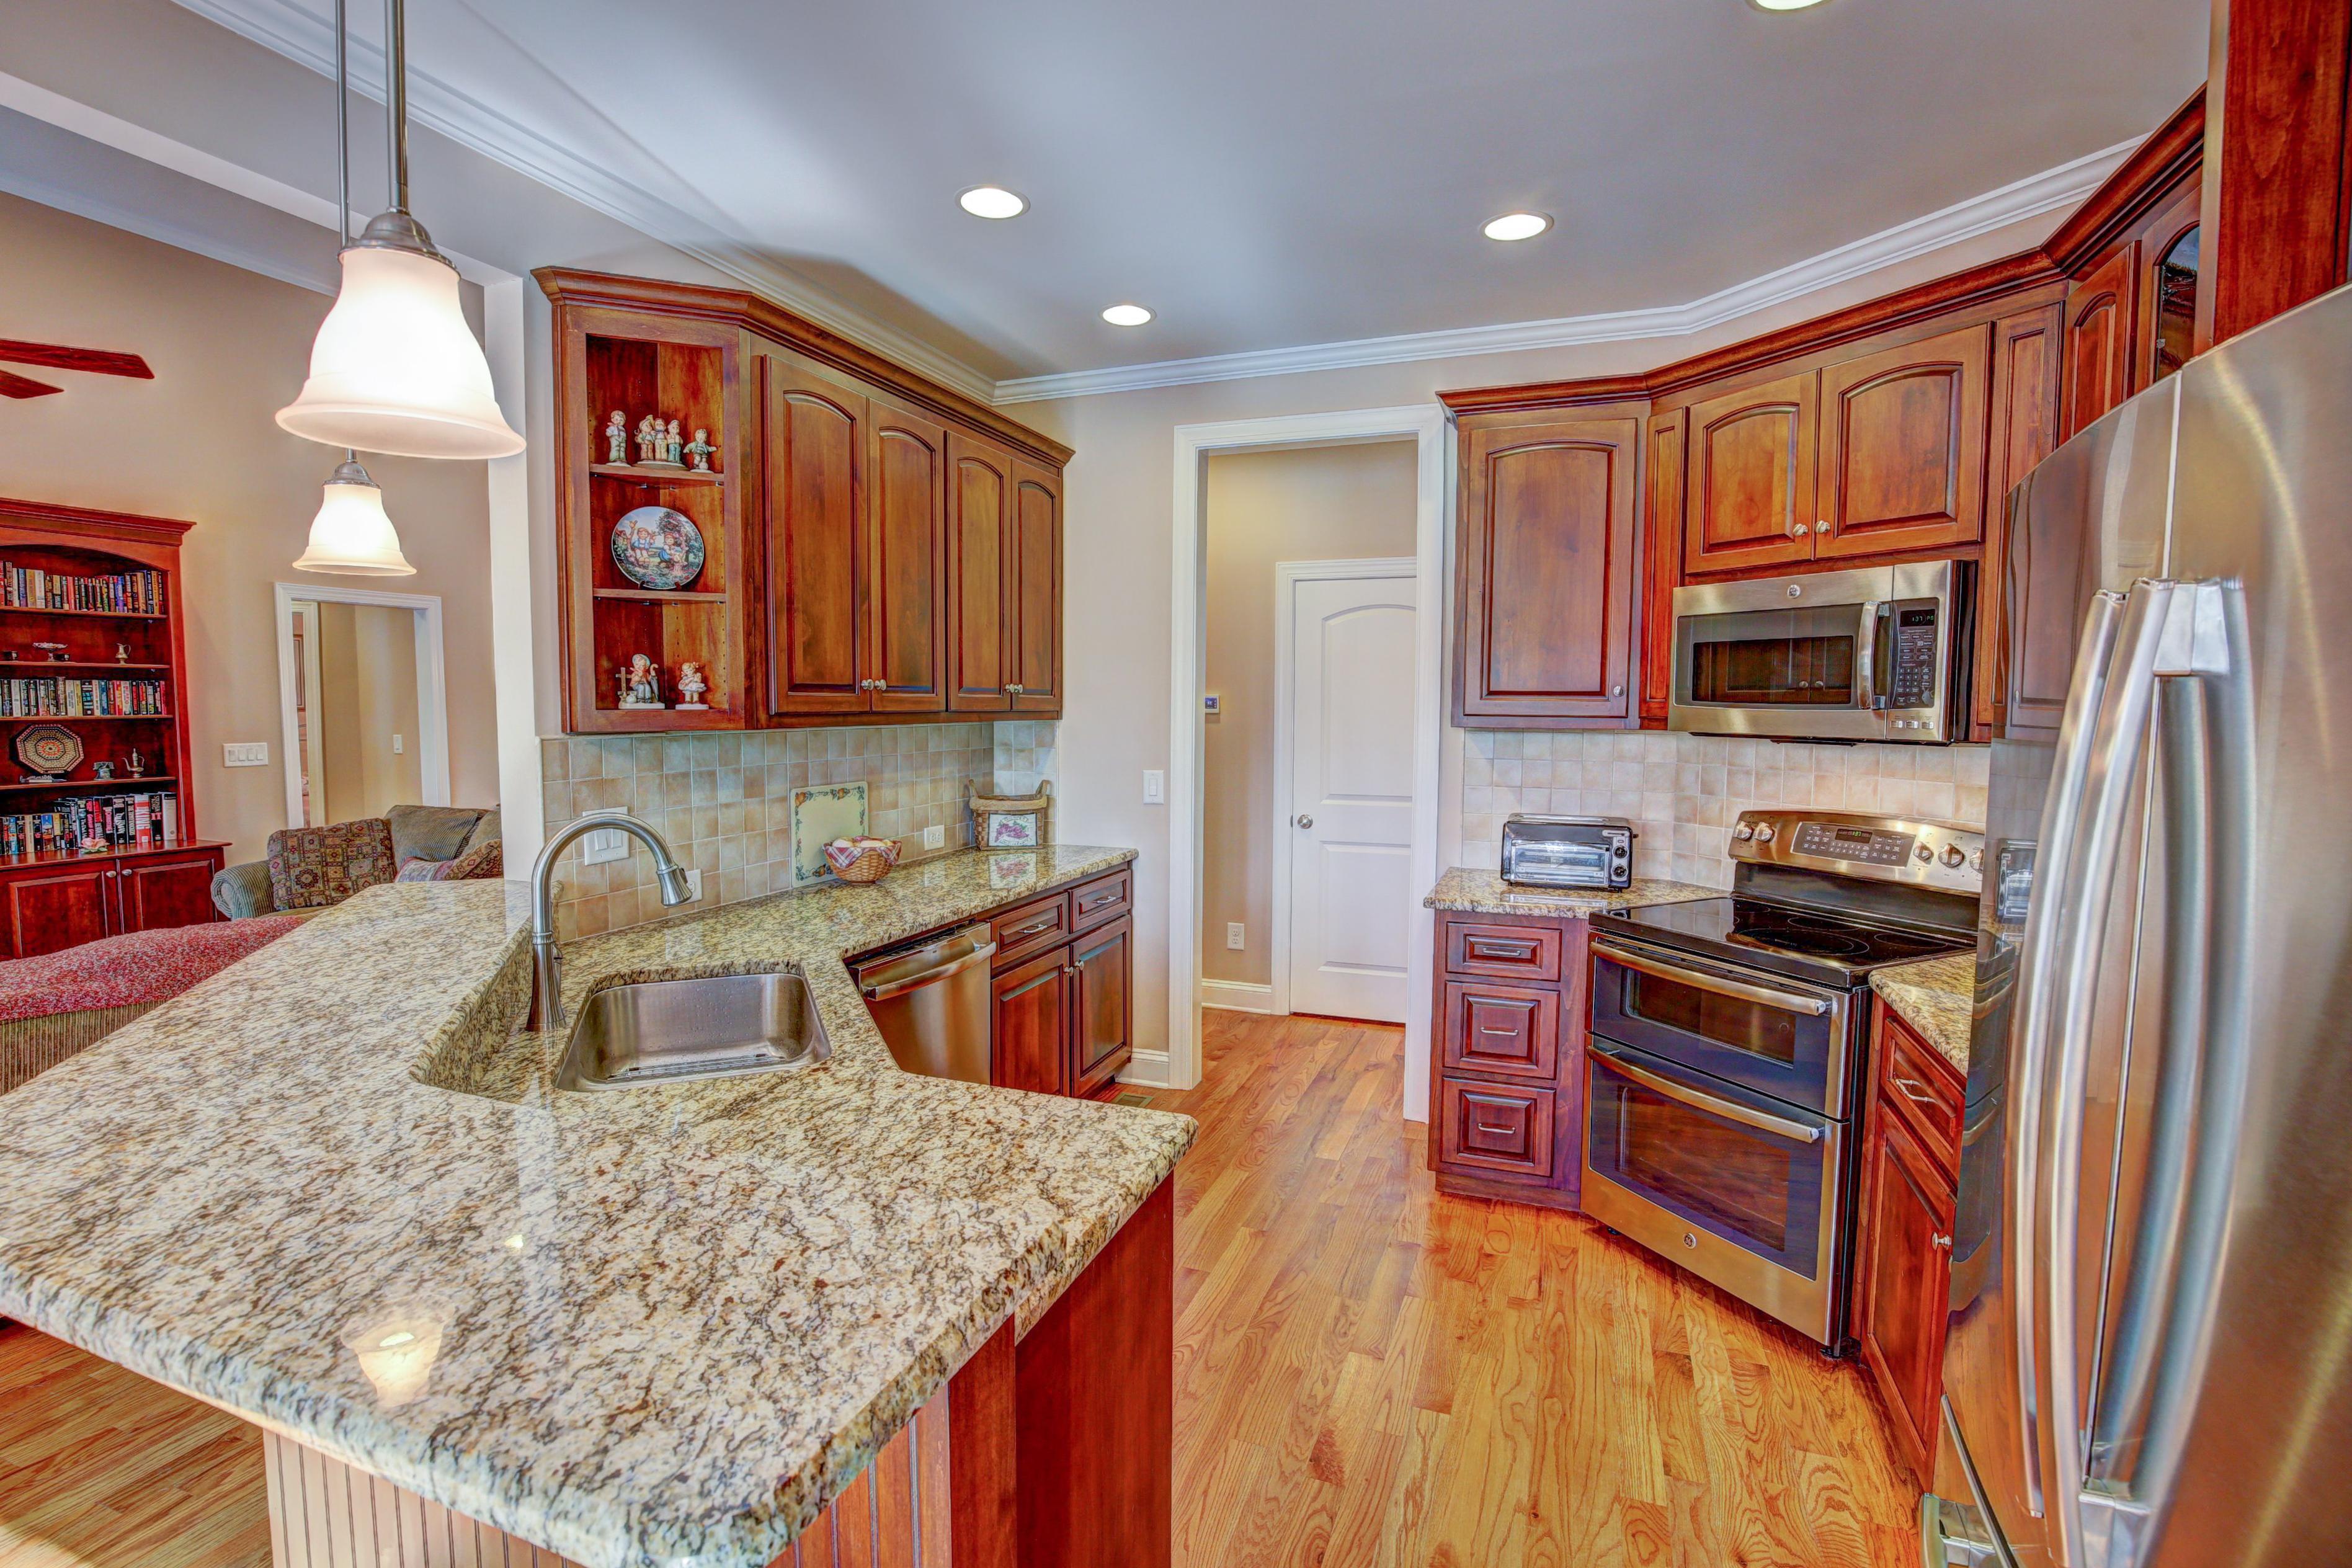 8810 kitchen long